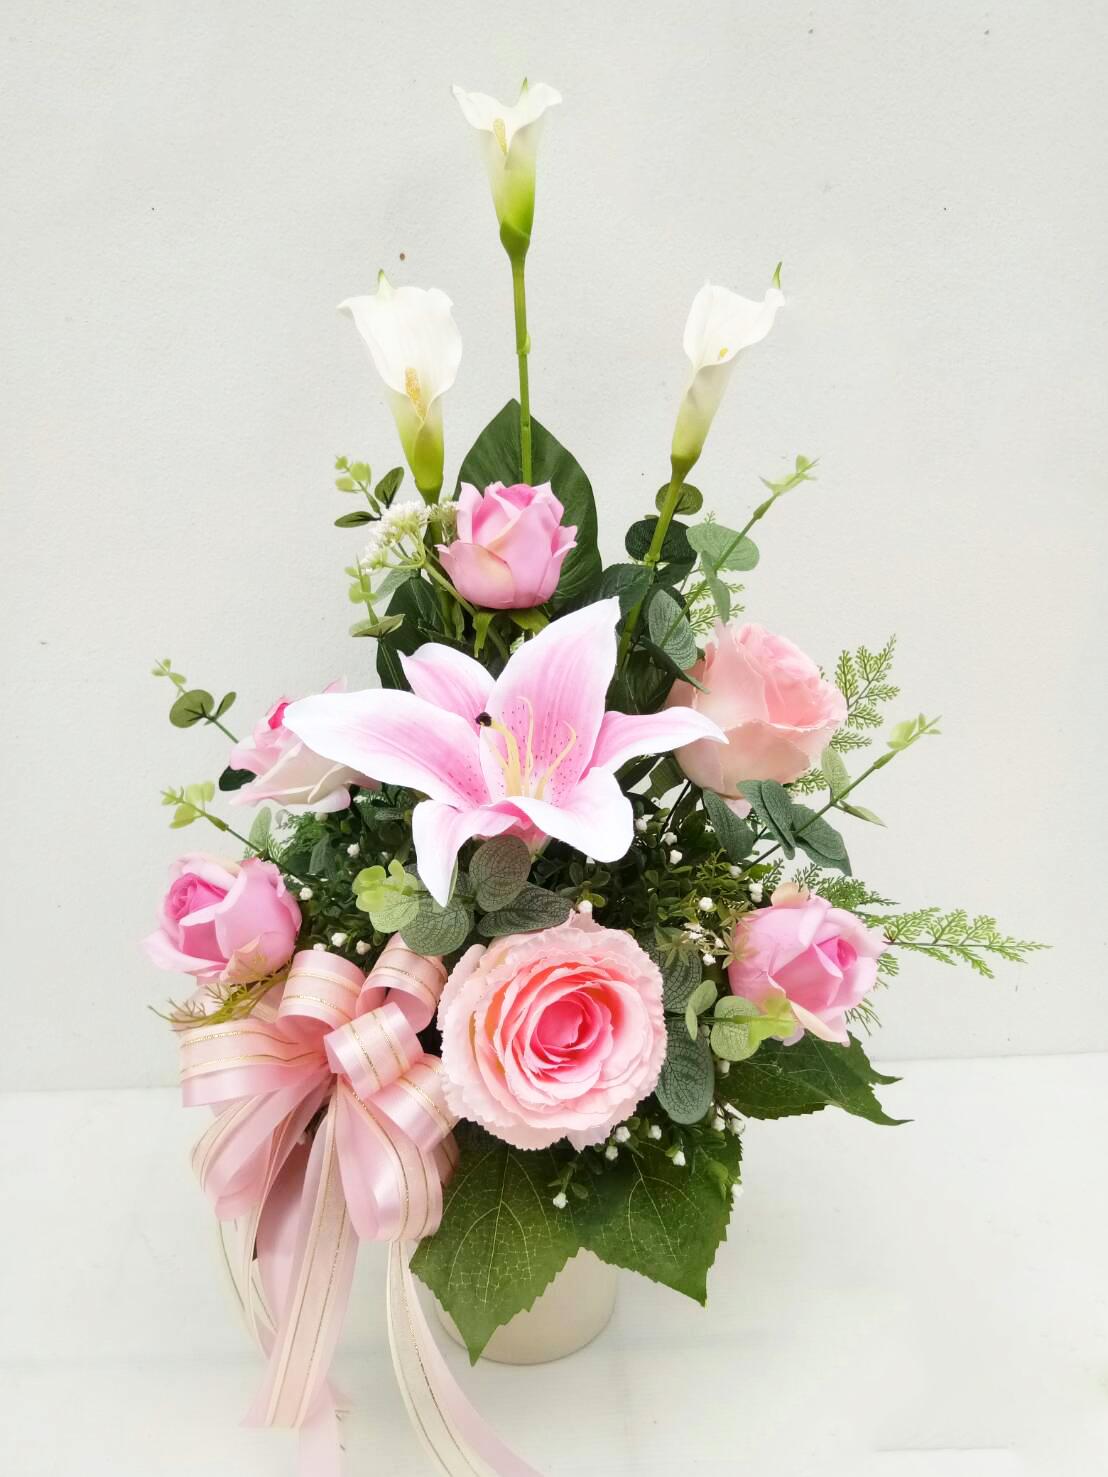 แจกันดอกไม้ประดิษฐ์กลางชมพู รหัส 3073